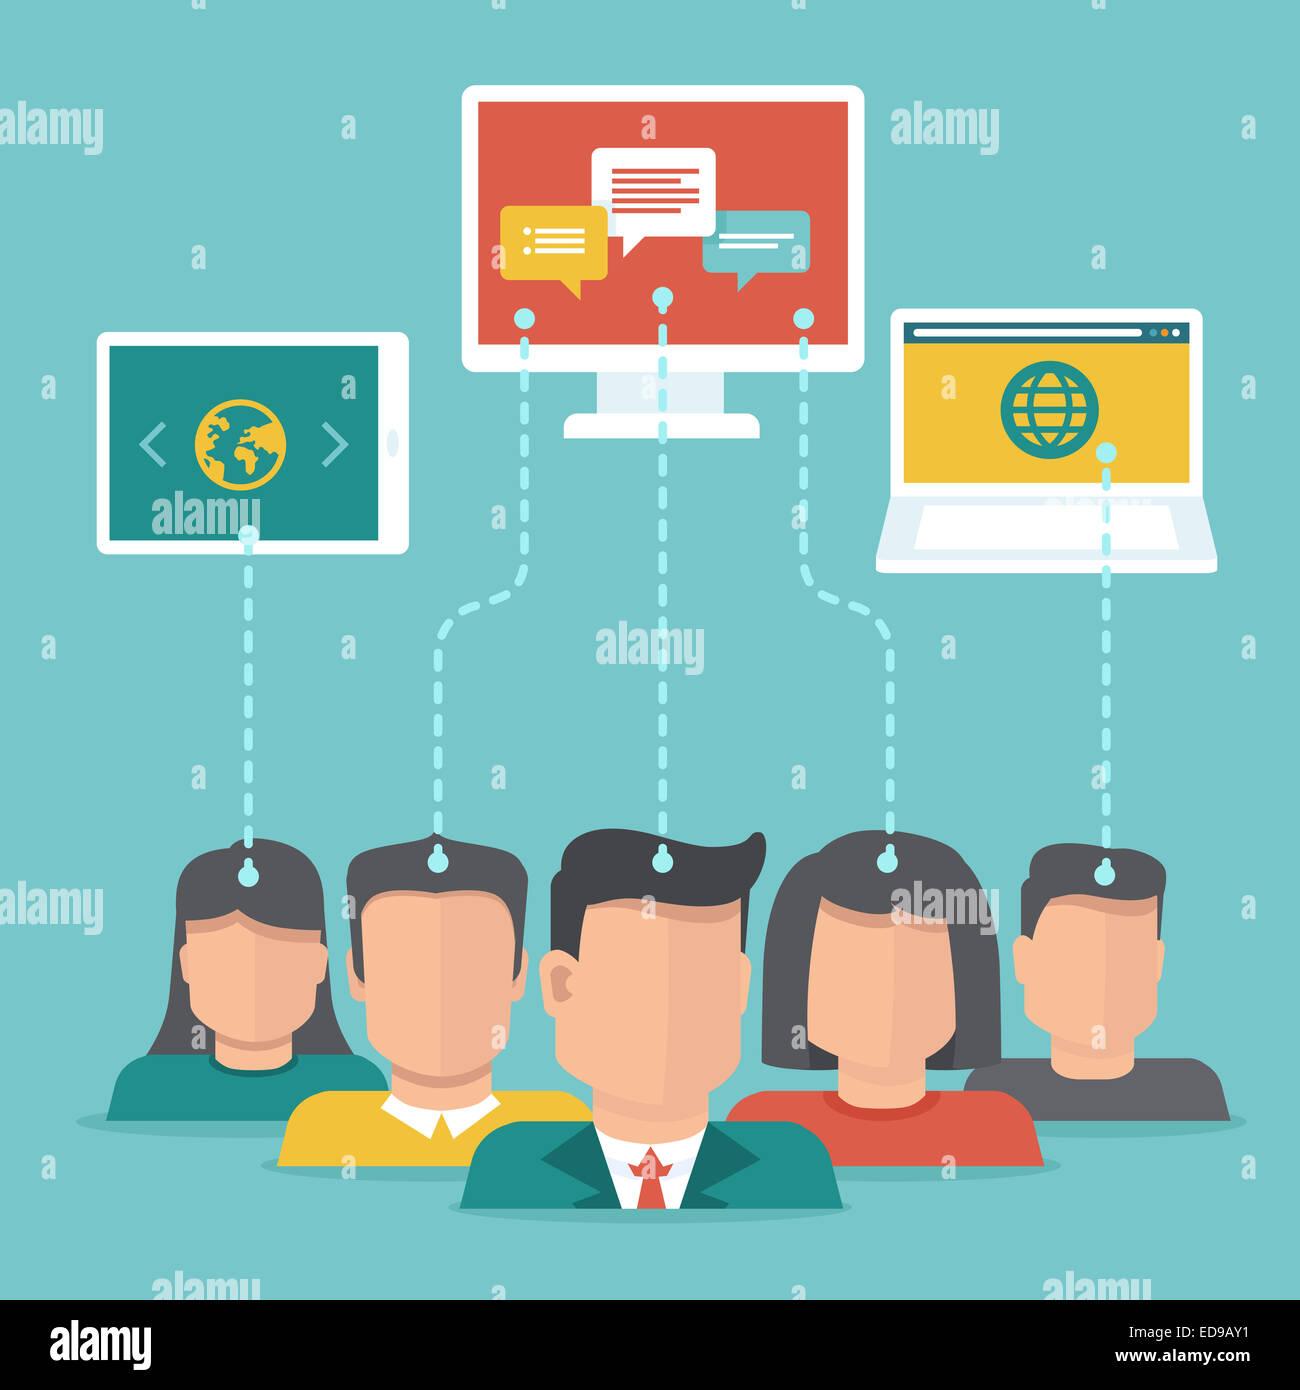 Contenuto generato dall'utente concetto in stile appartamento - utenti il caricamento di contenuti digitali Immagini Stock